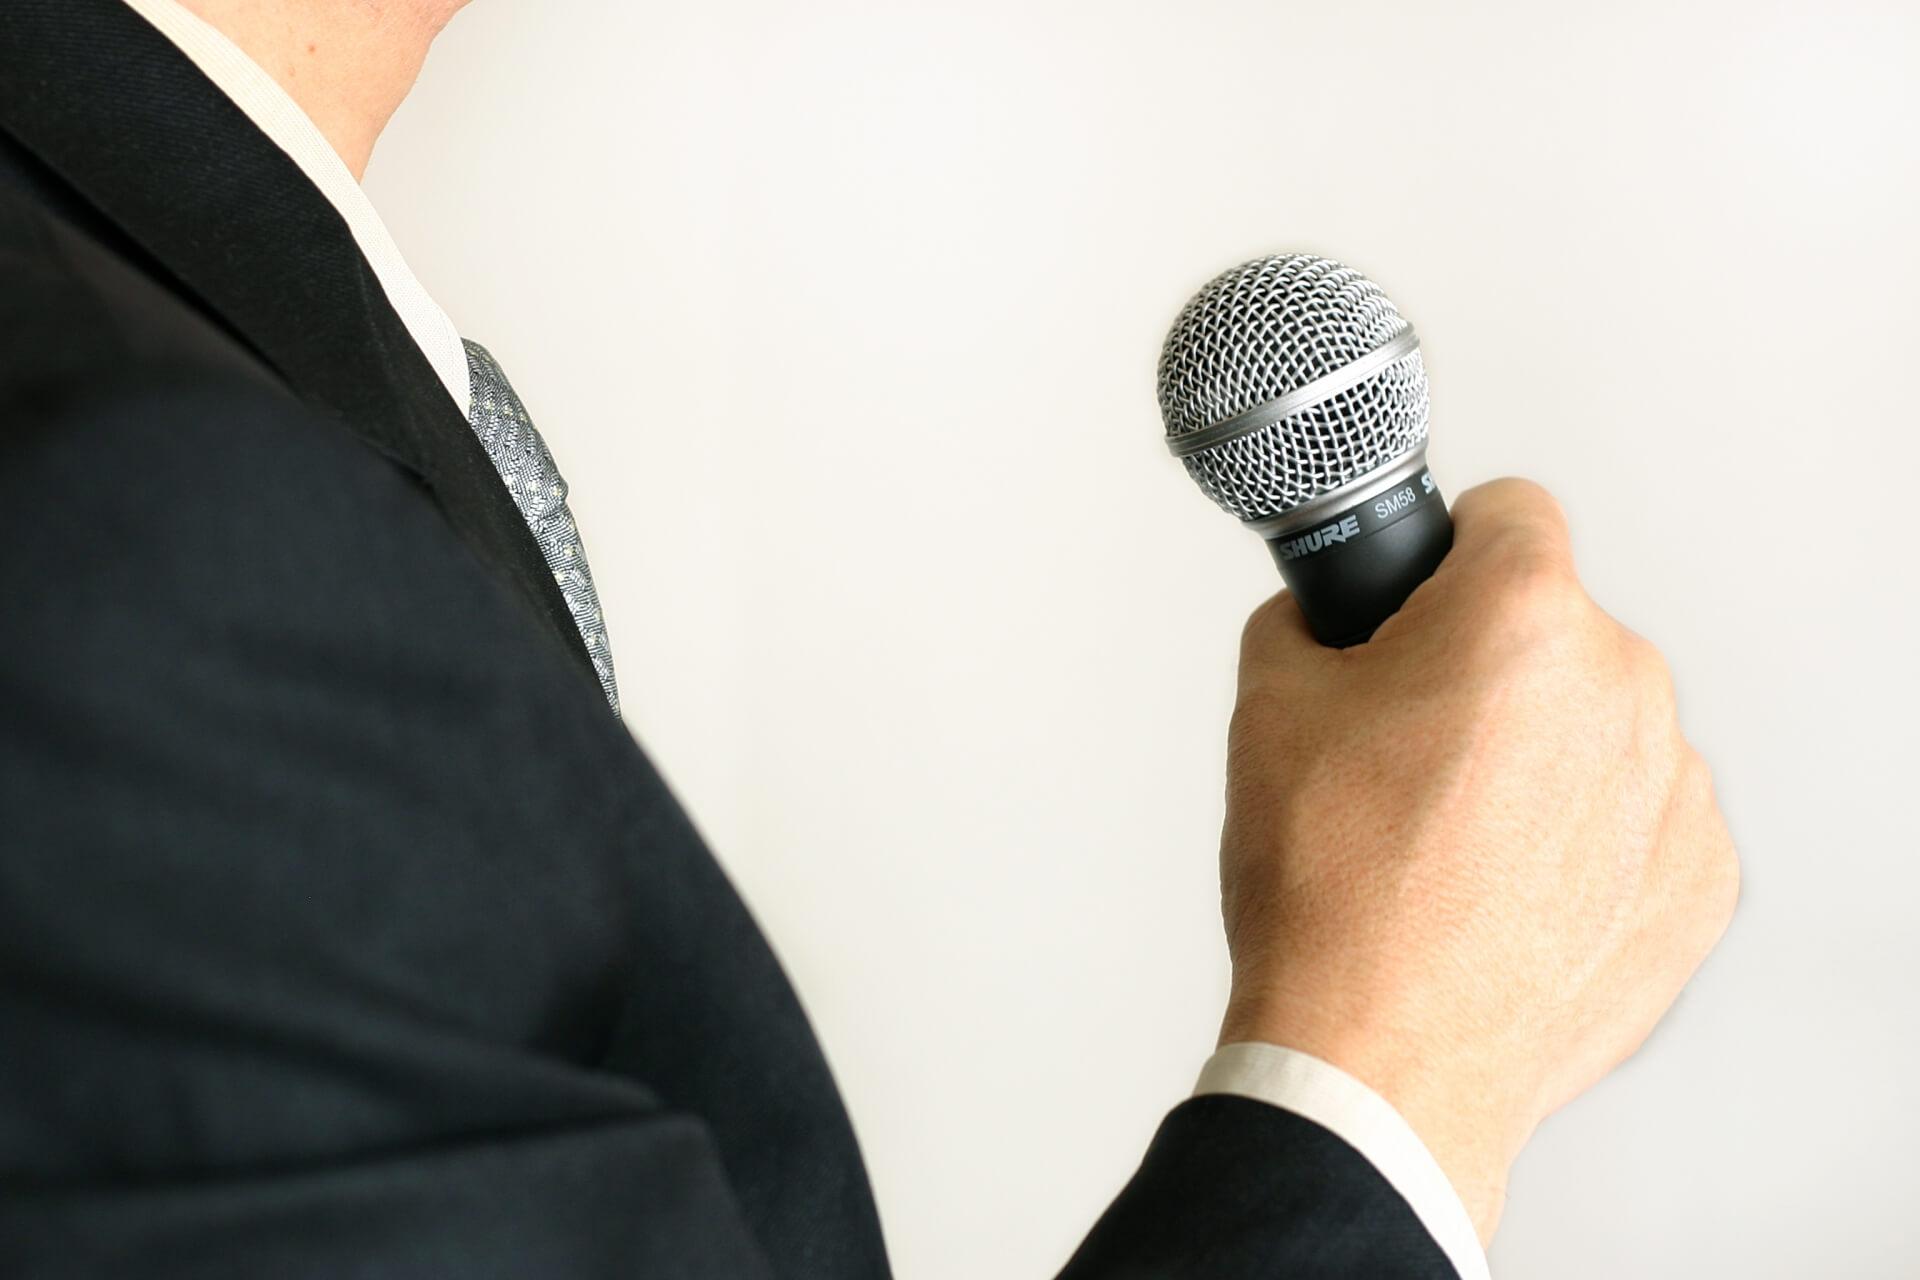 カラオケで歌うと普段より歌が下手になる?その原因を追及!